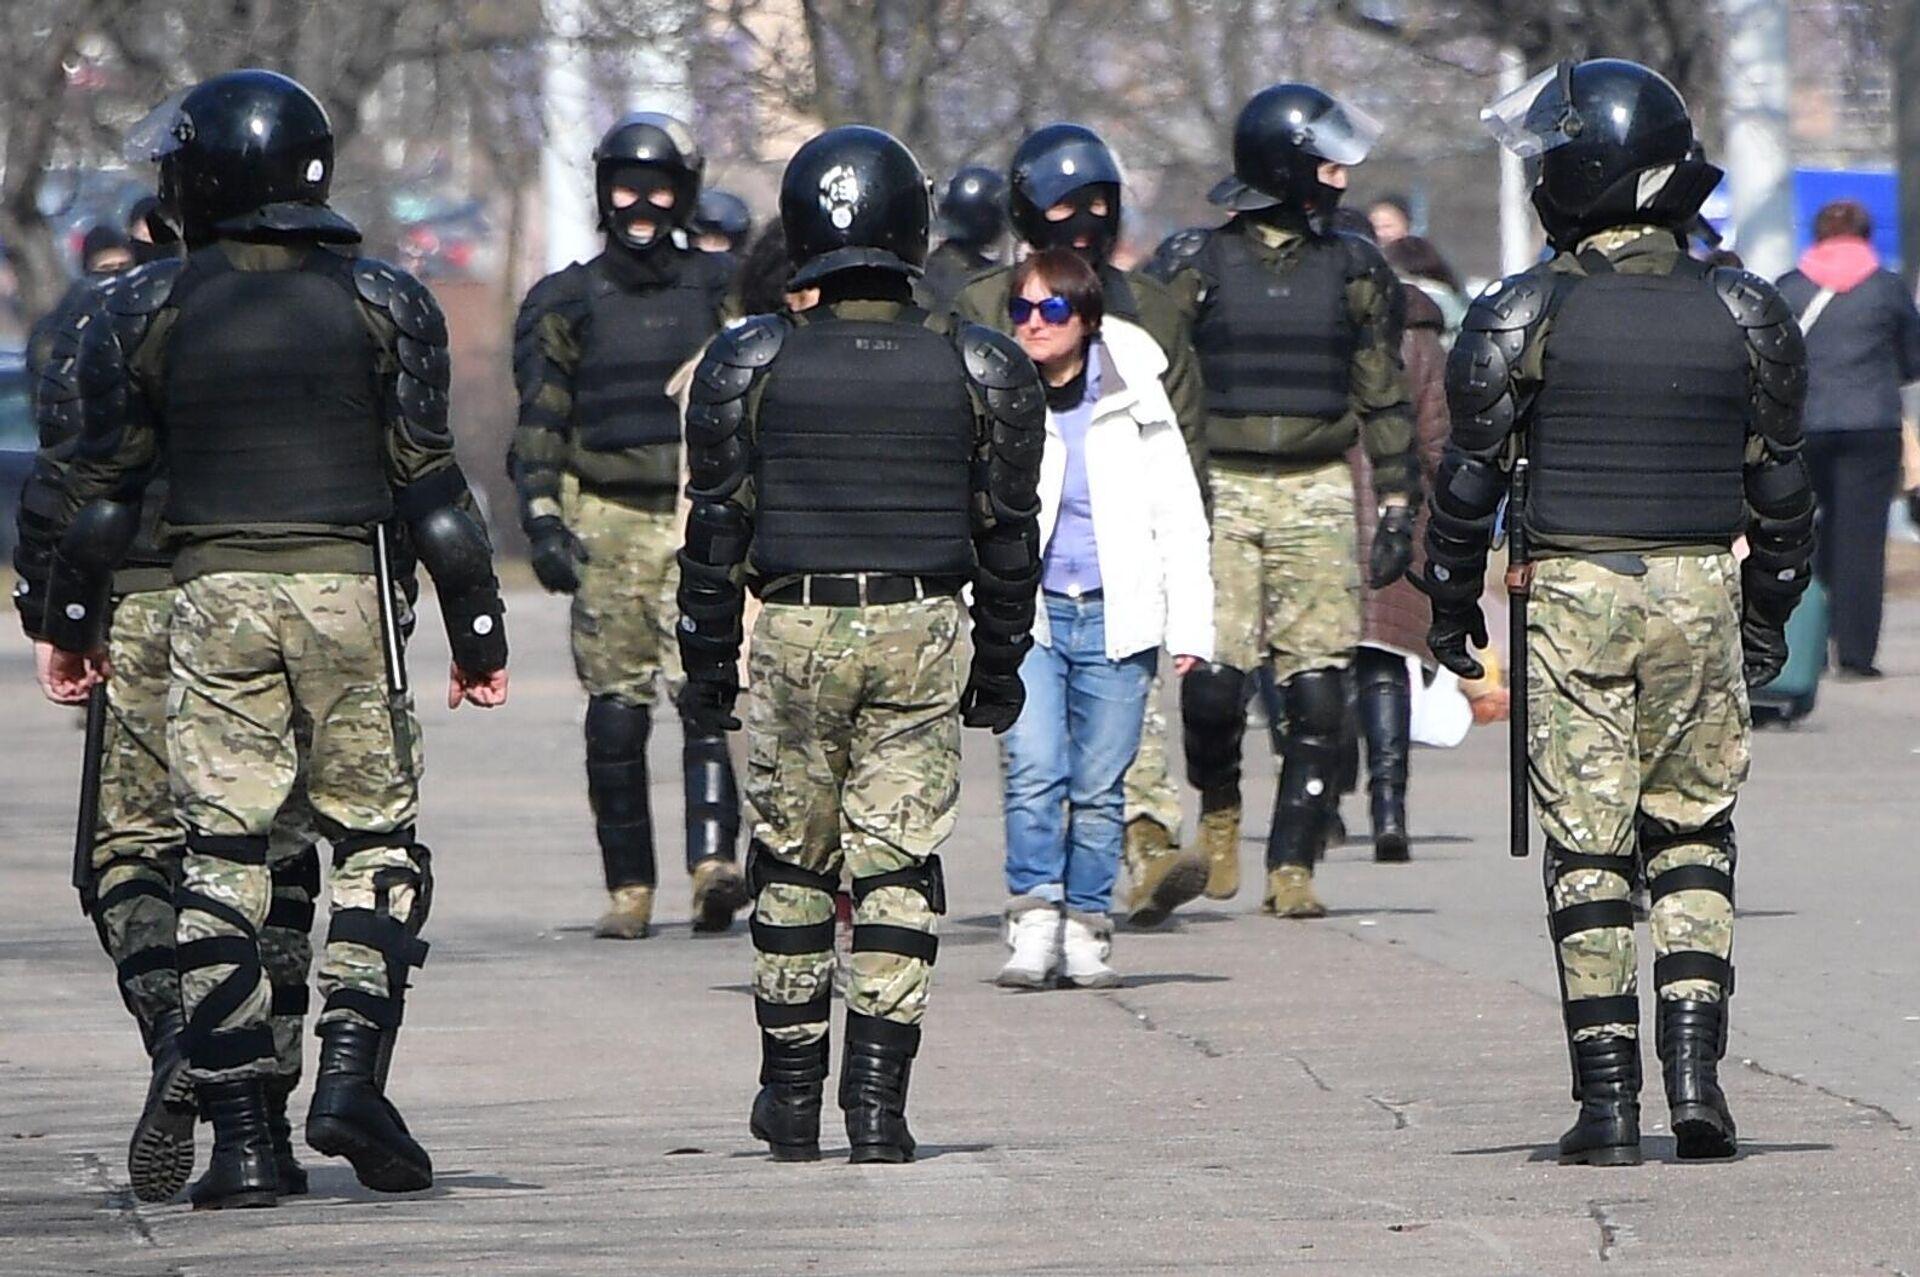 Сотрудники правоохранительных органов во время несанкционированной акции протеста в Минске - РИА Новости, 1920, 19.04.2021